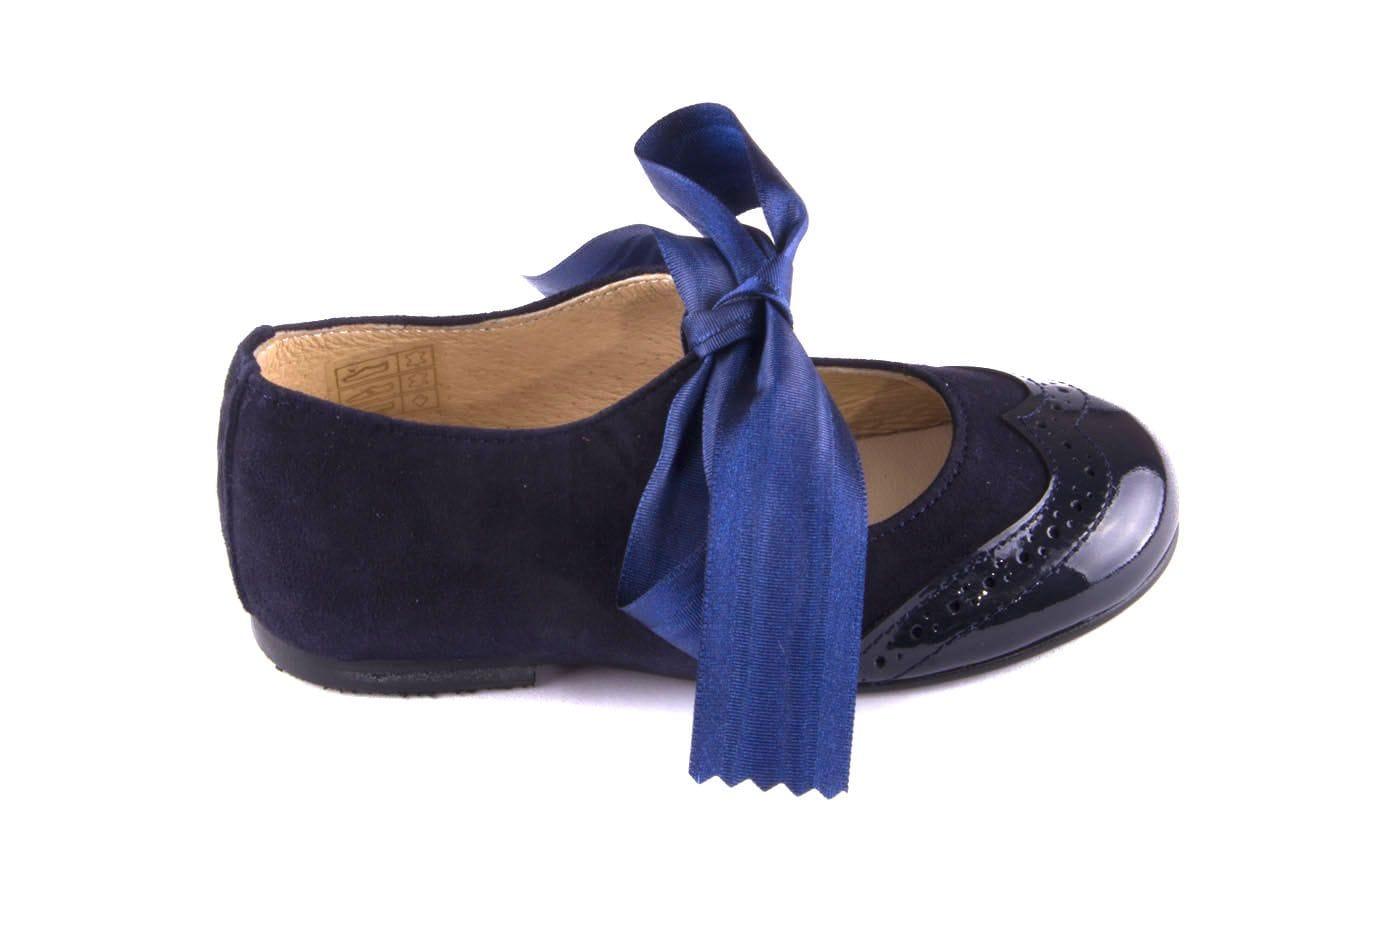 a651a5eaeaea8 Comprar zapato tipo JOVEN NIÑA estilo MERCEDES COLOR AZUL CHAROL ...